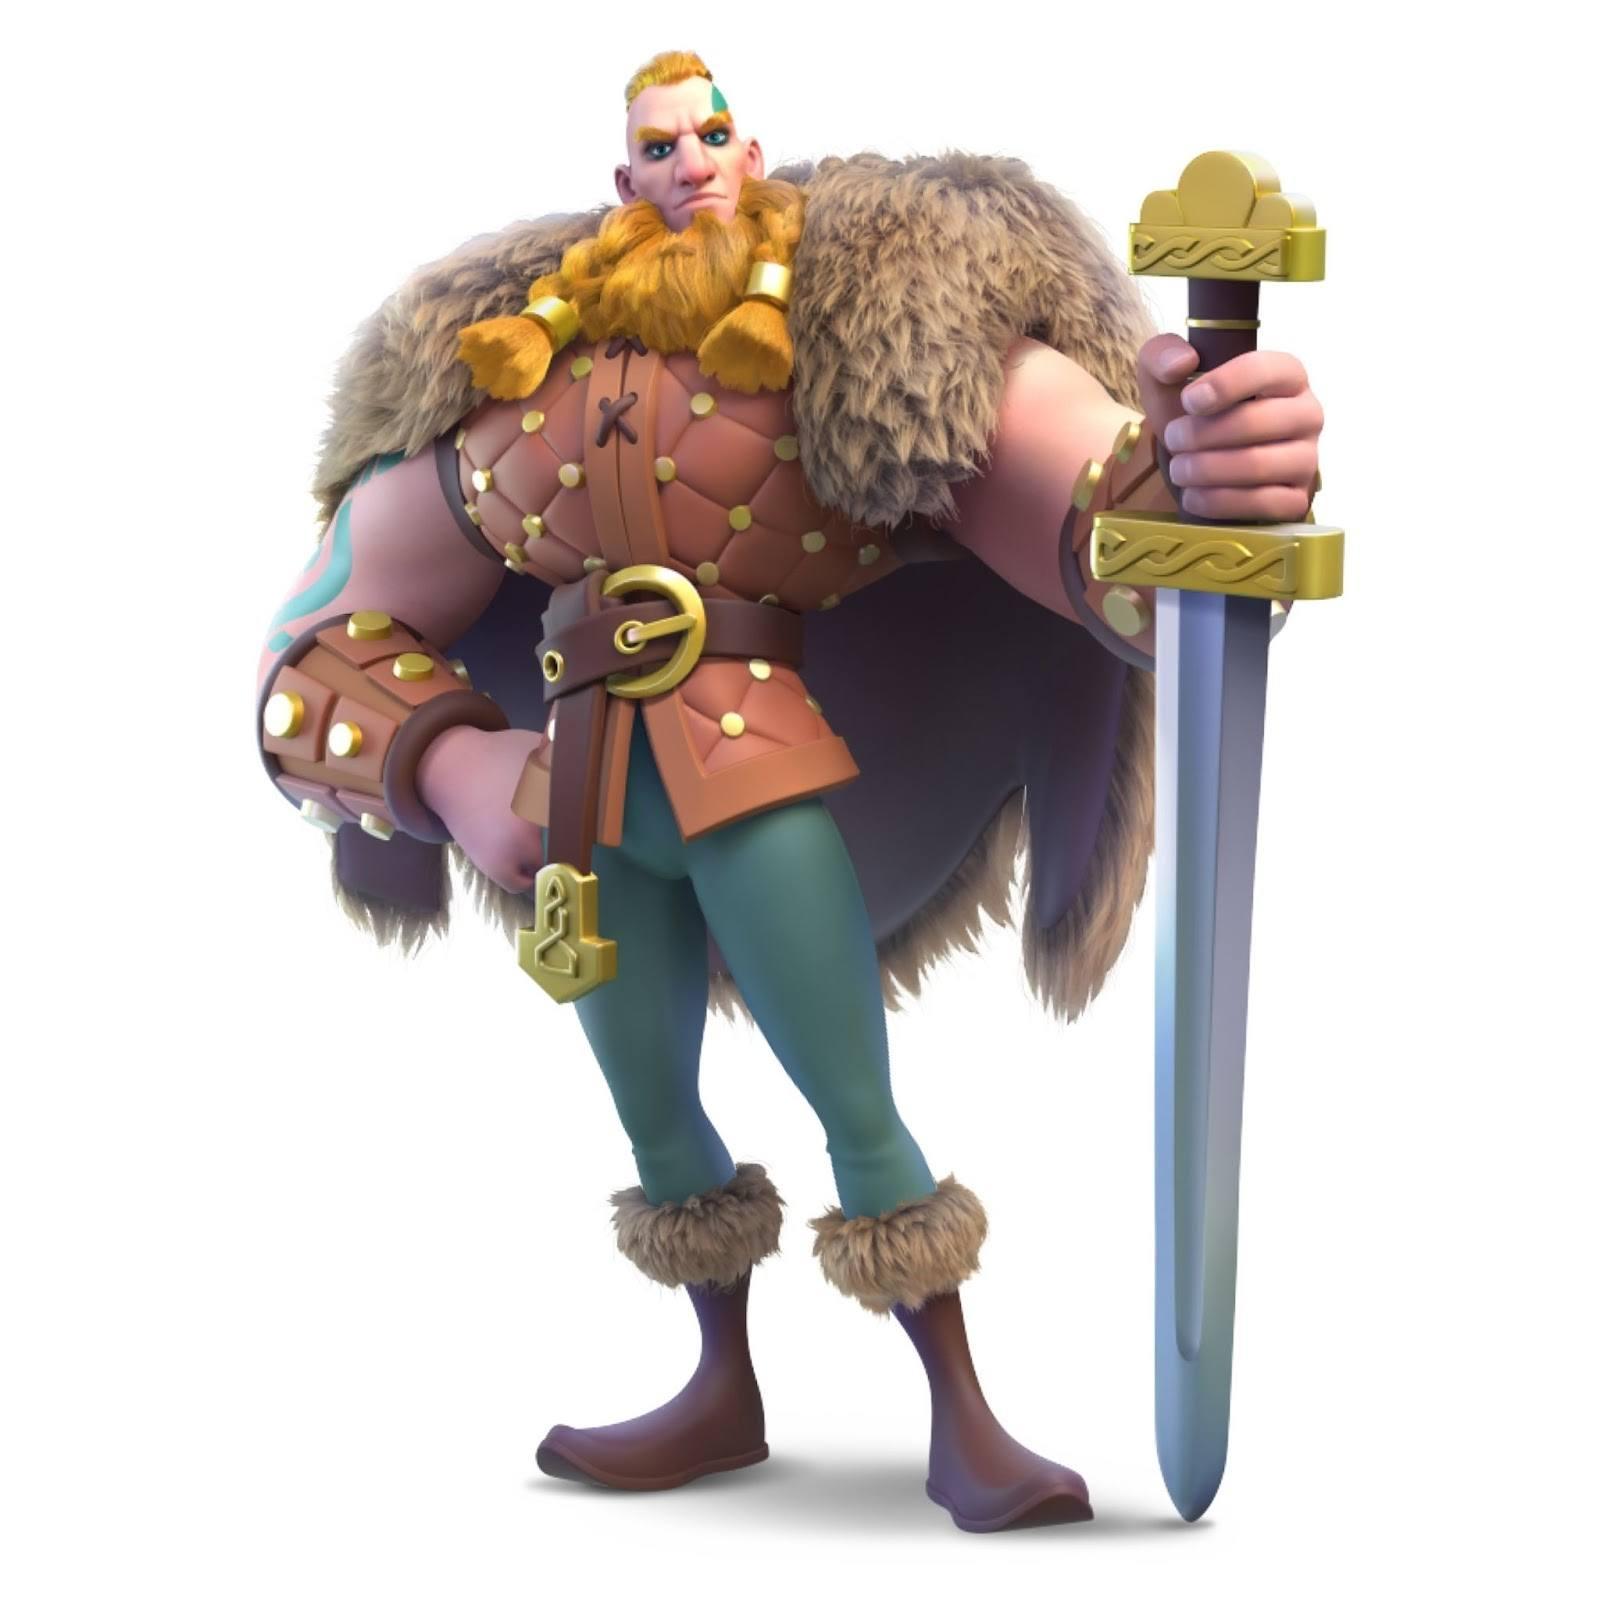 Цивилизация викингов появилась в Rise of Kingdoms с новыми командирами, особым юнитом и бонусами!